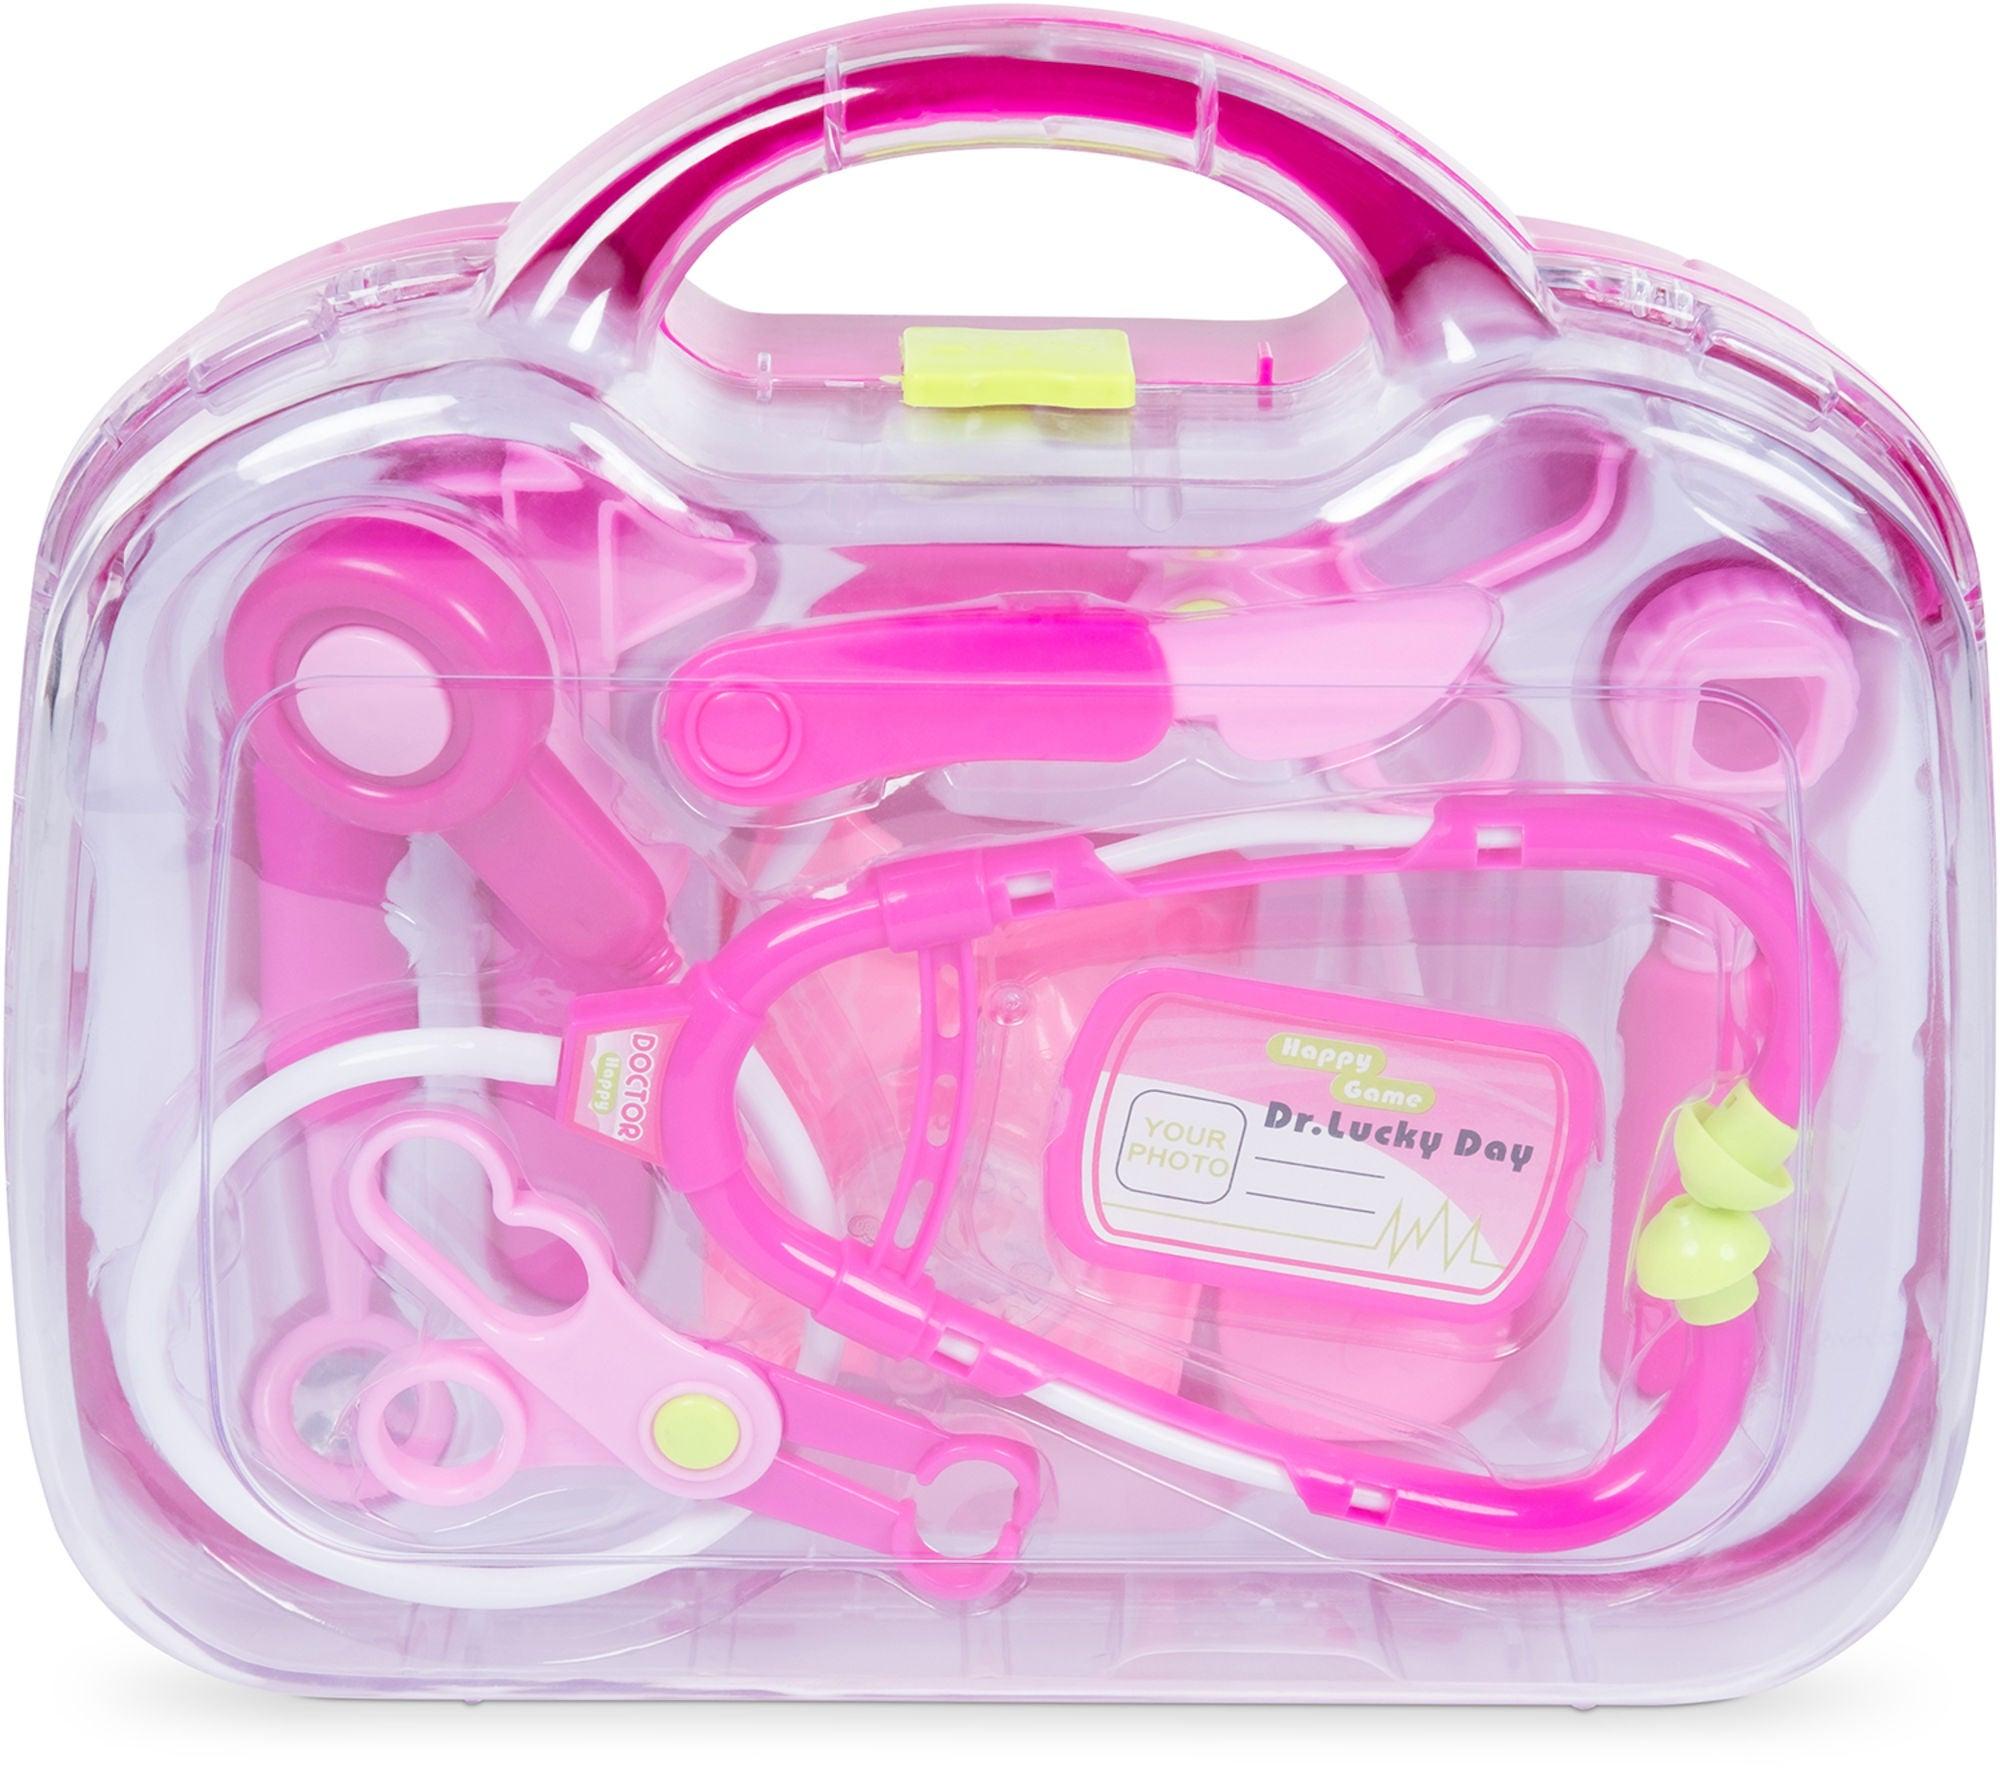 Cloudberry Castle Lääkärinlaukku Maxi 9 Osaa, Pinkki